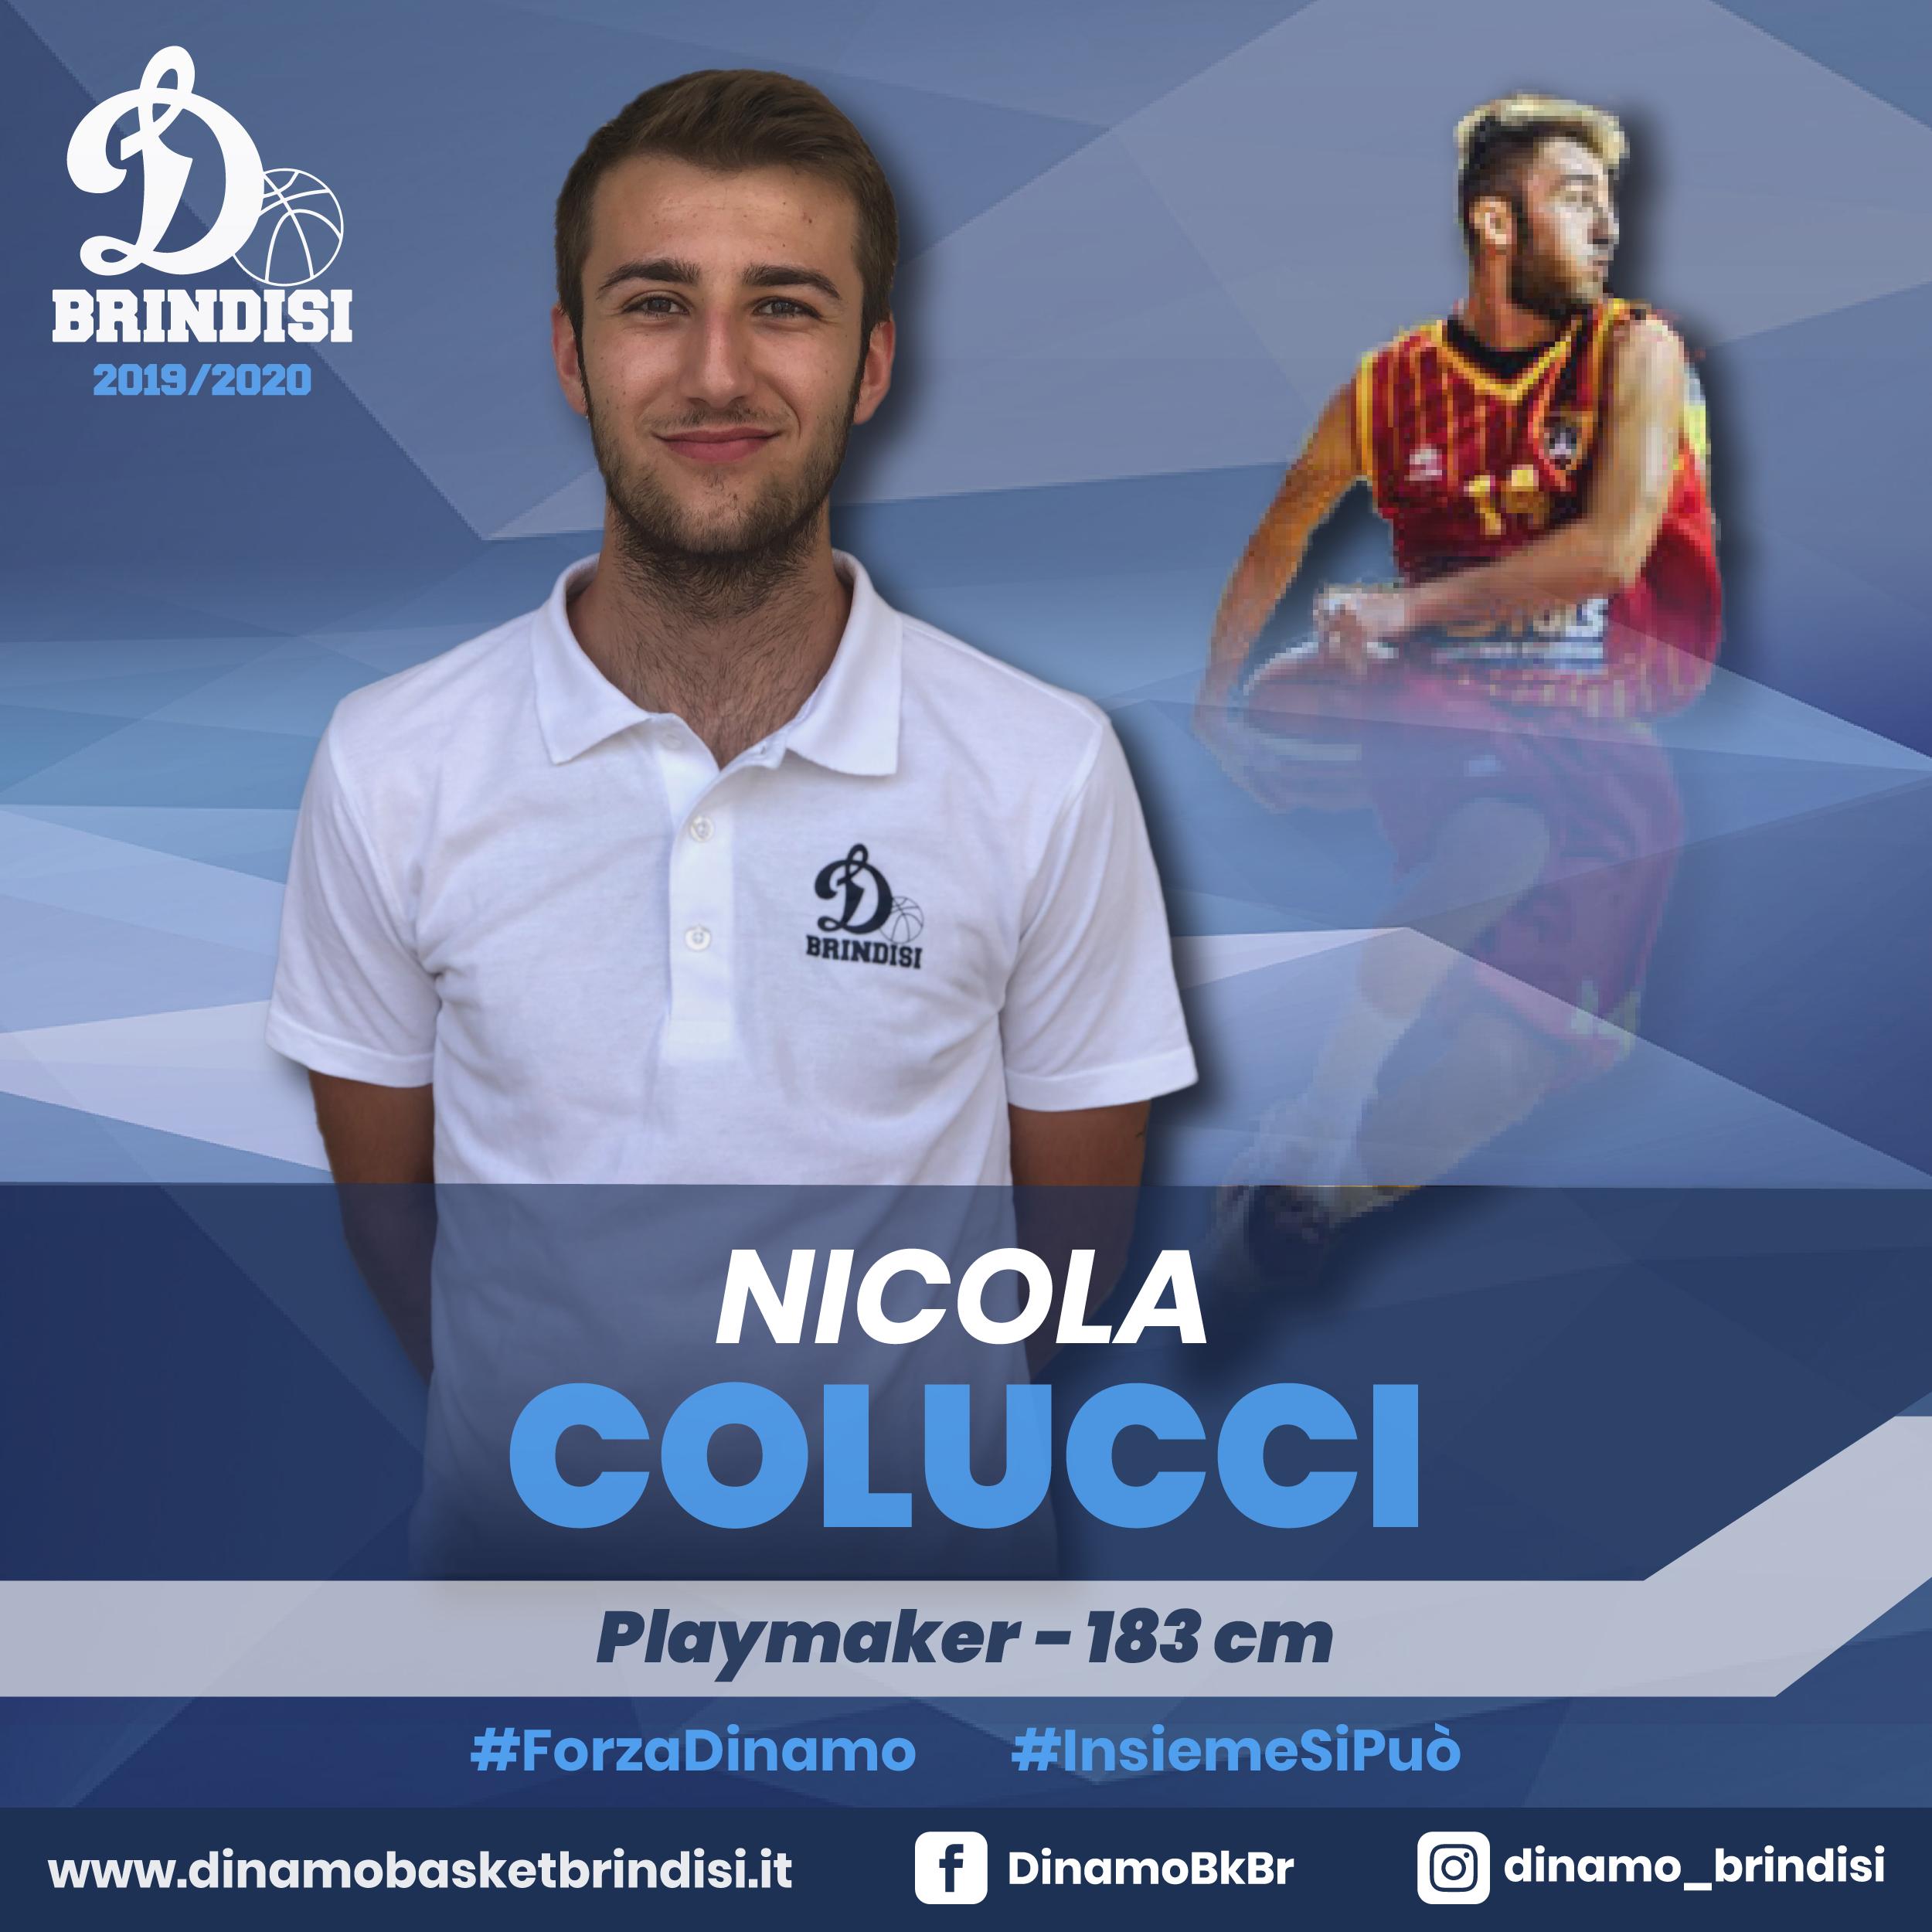 nicola-colucci